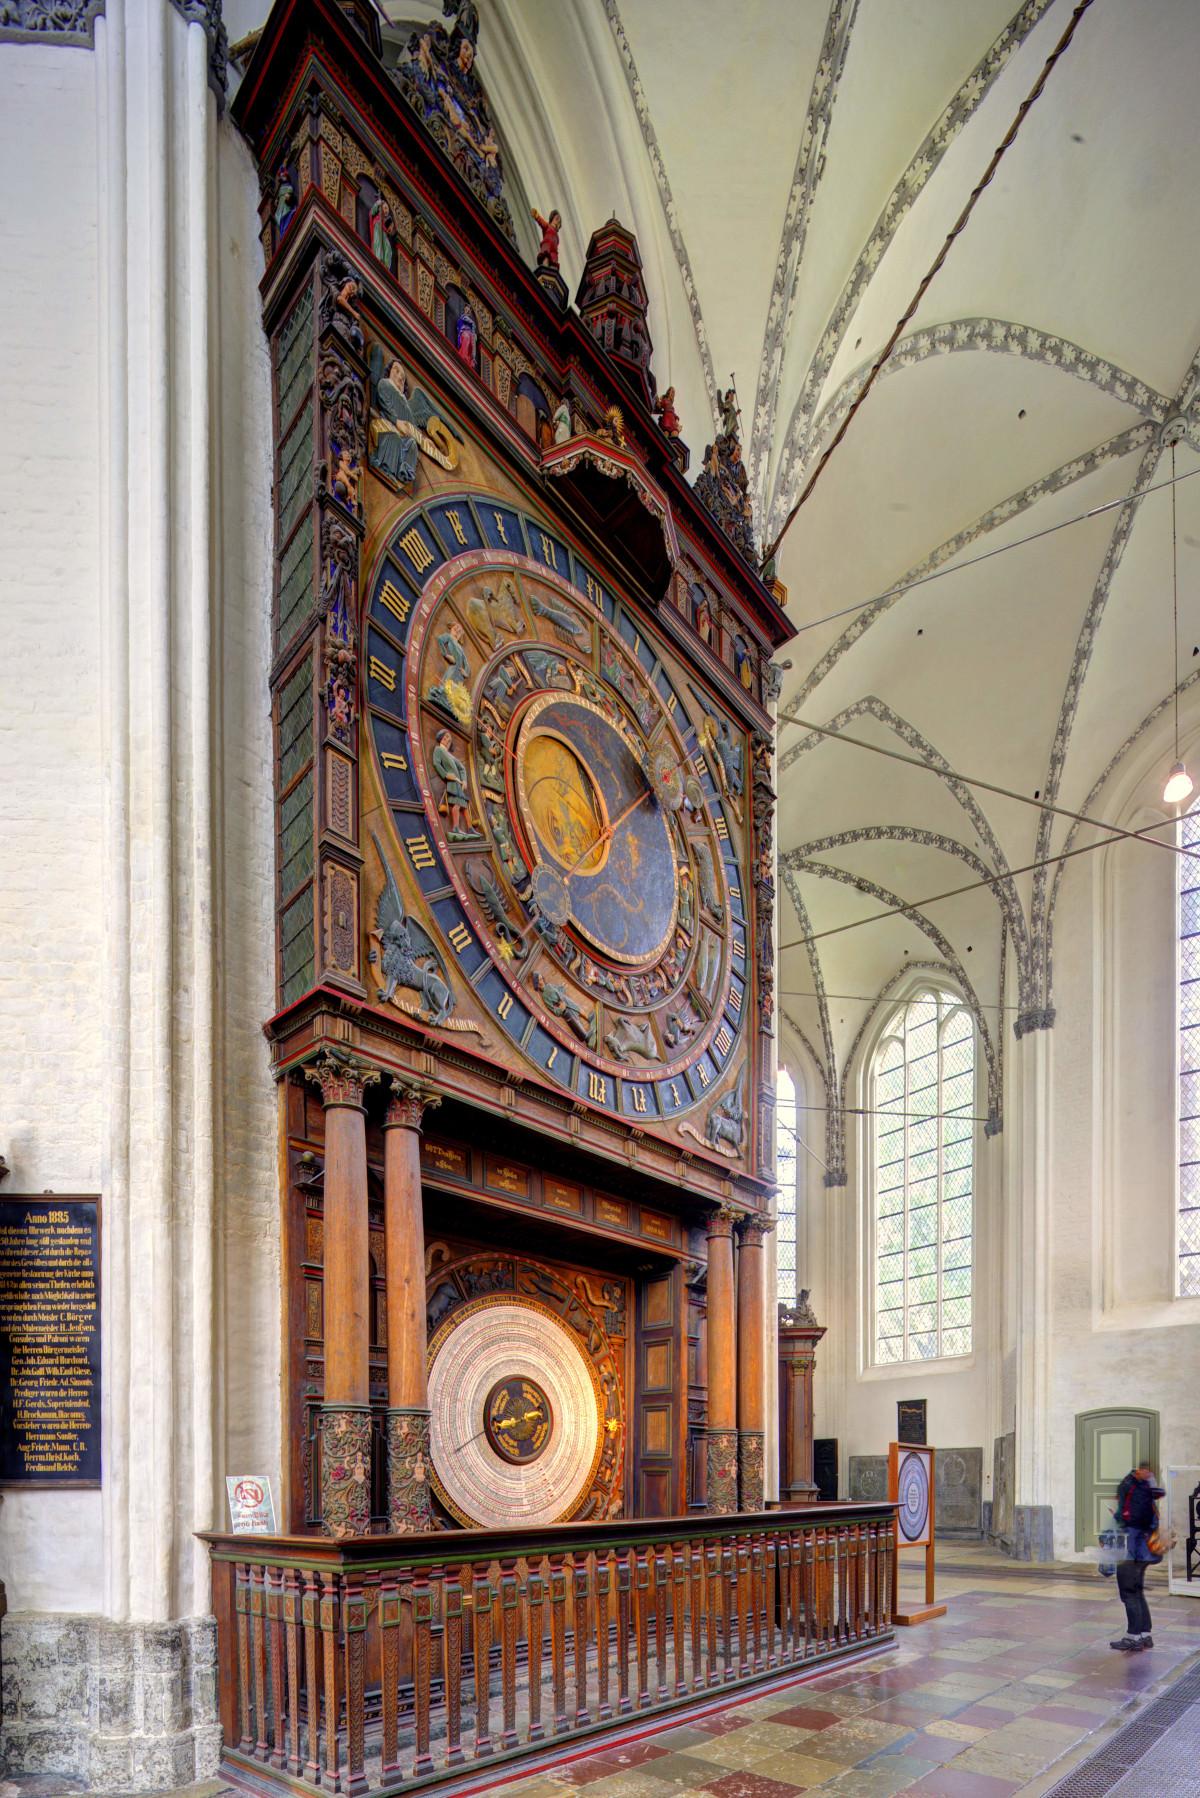 St.-Marien-Kirche, Astronomische Uhr